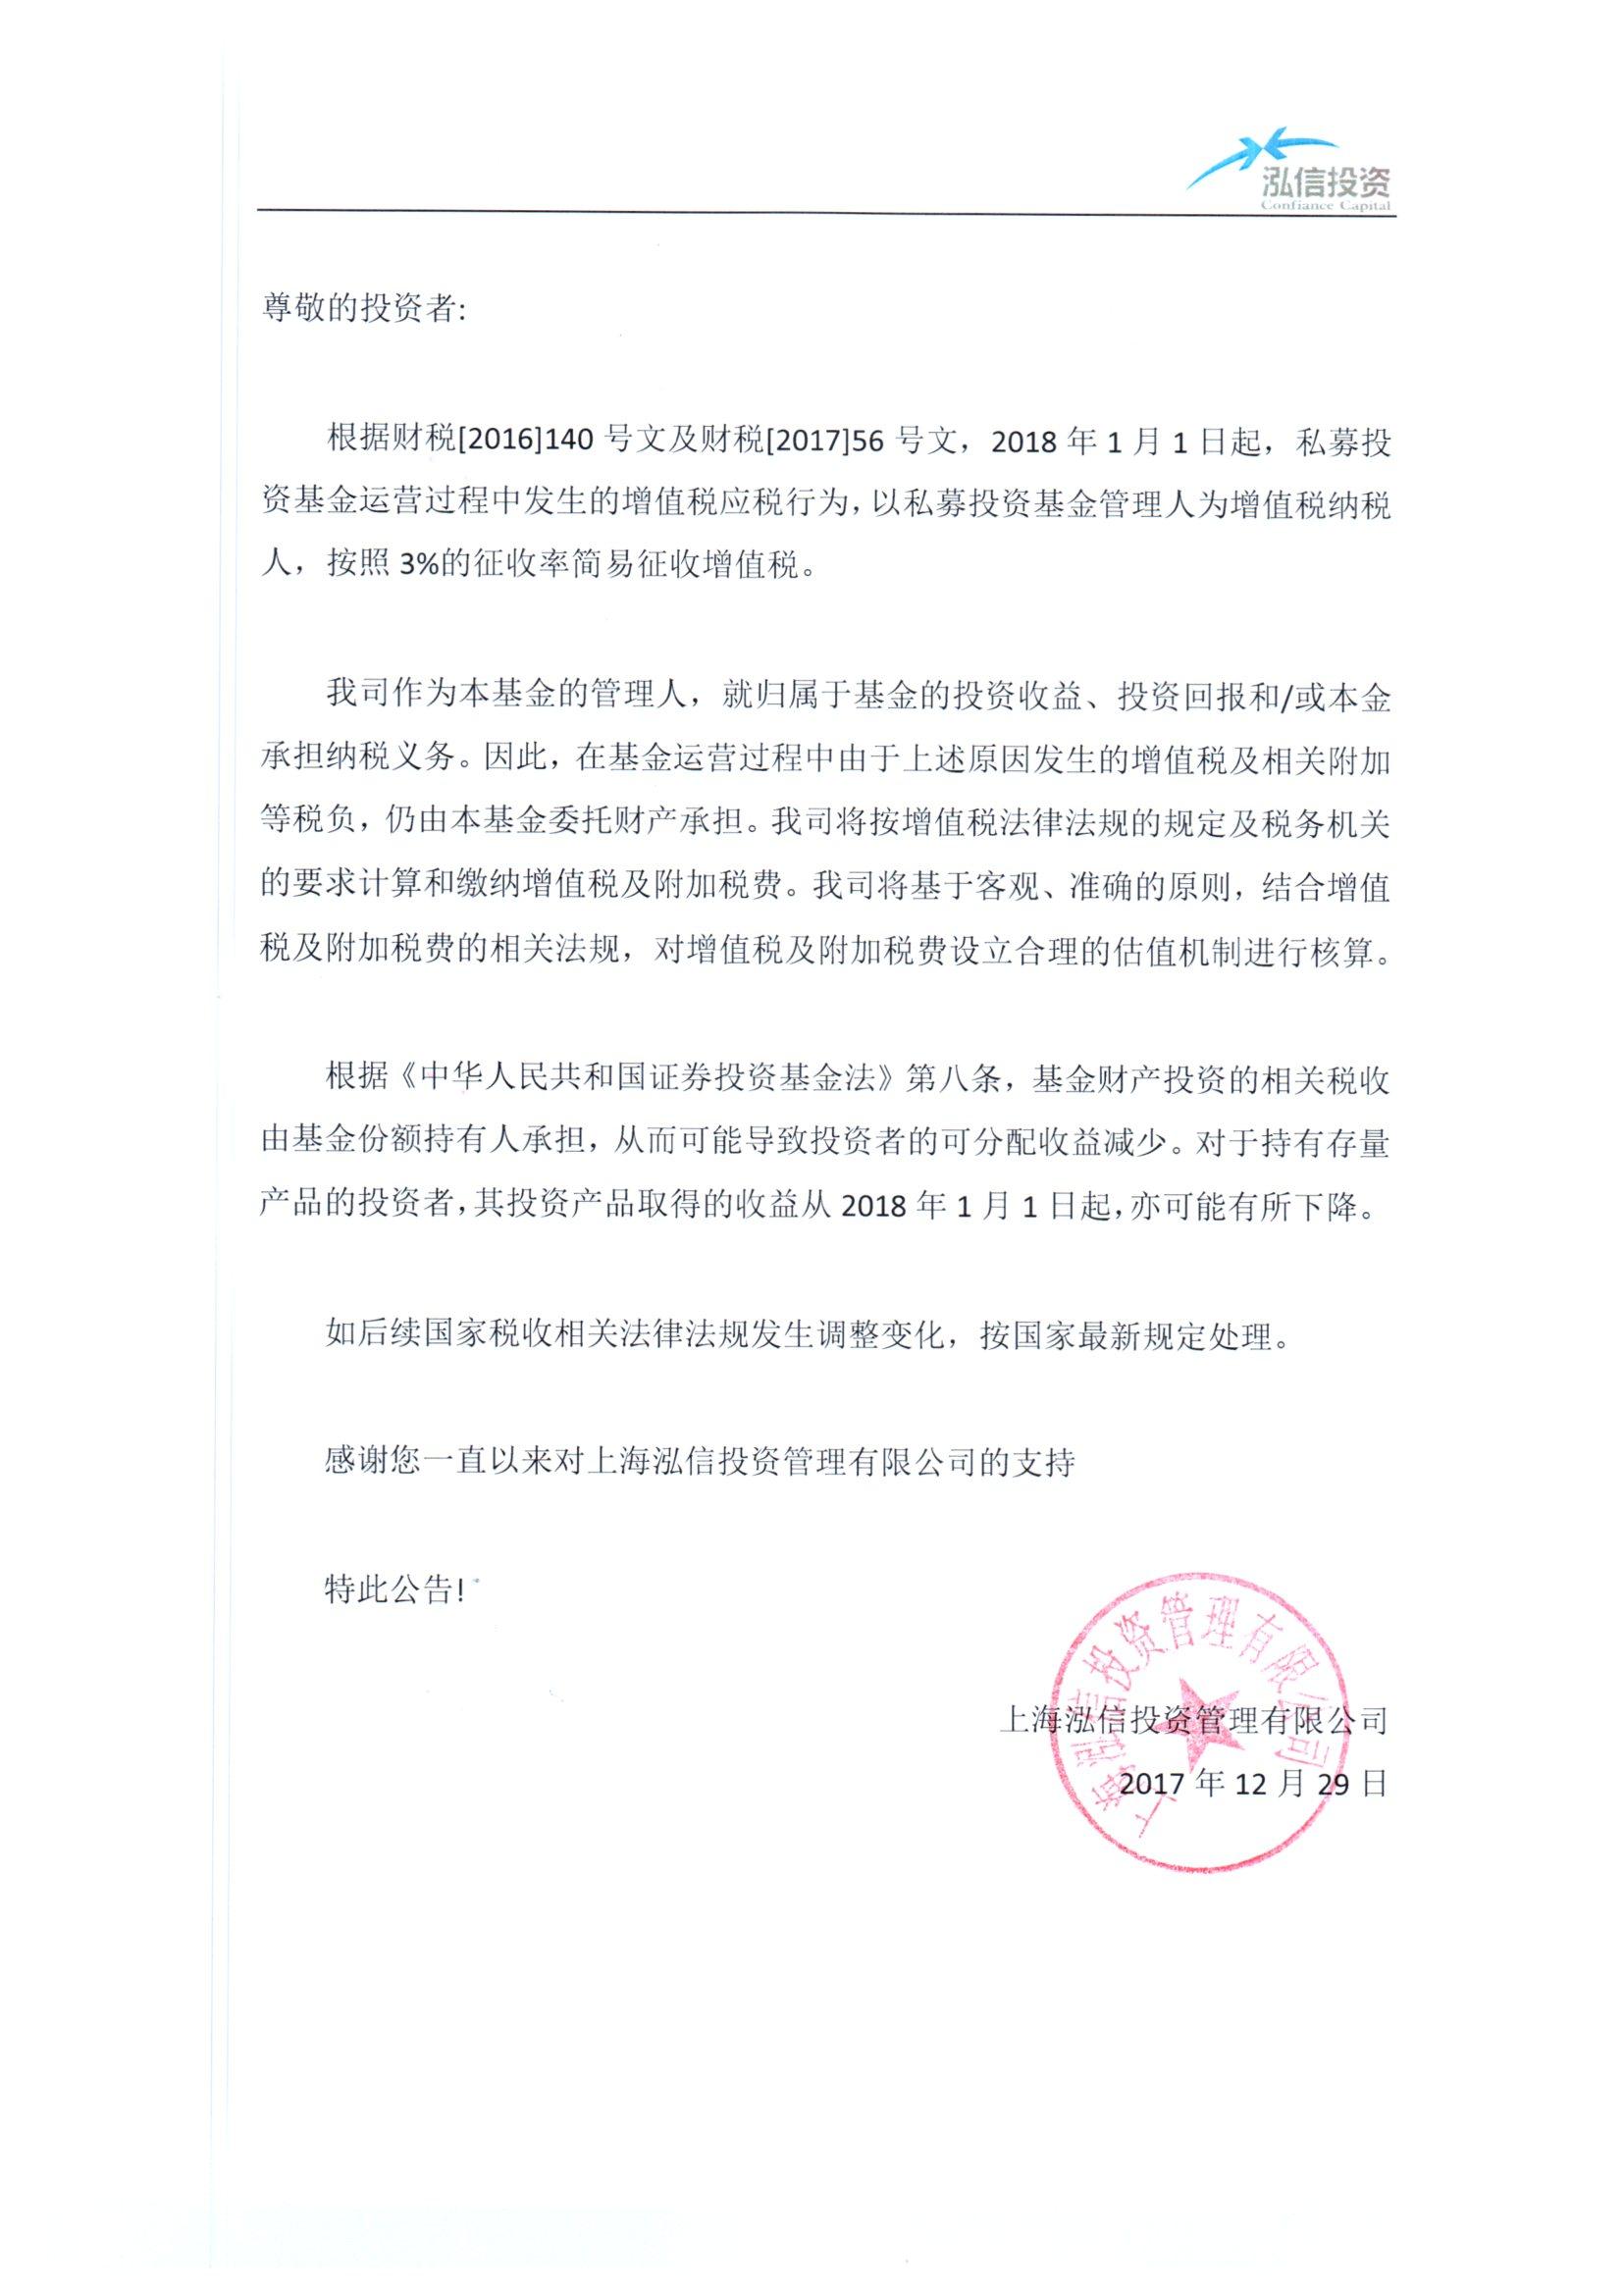 上海泓信投资管理有限公司-增值税缴纳公告.jpg